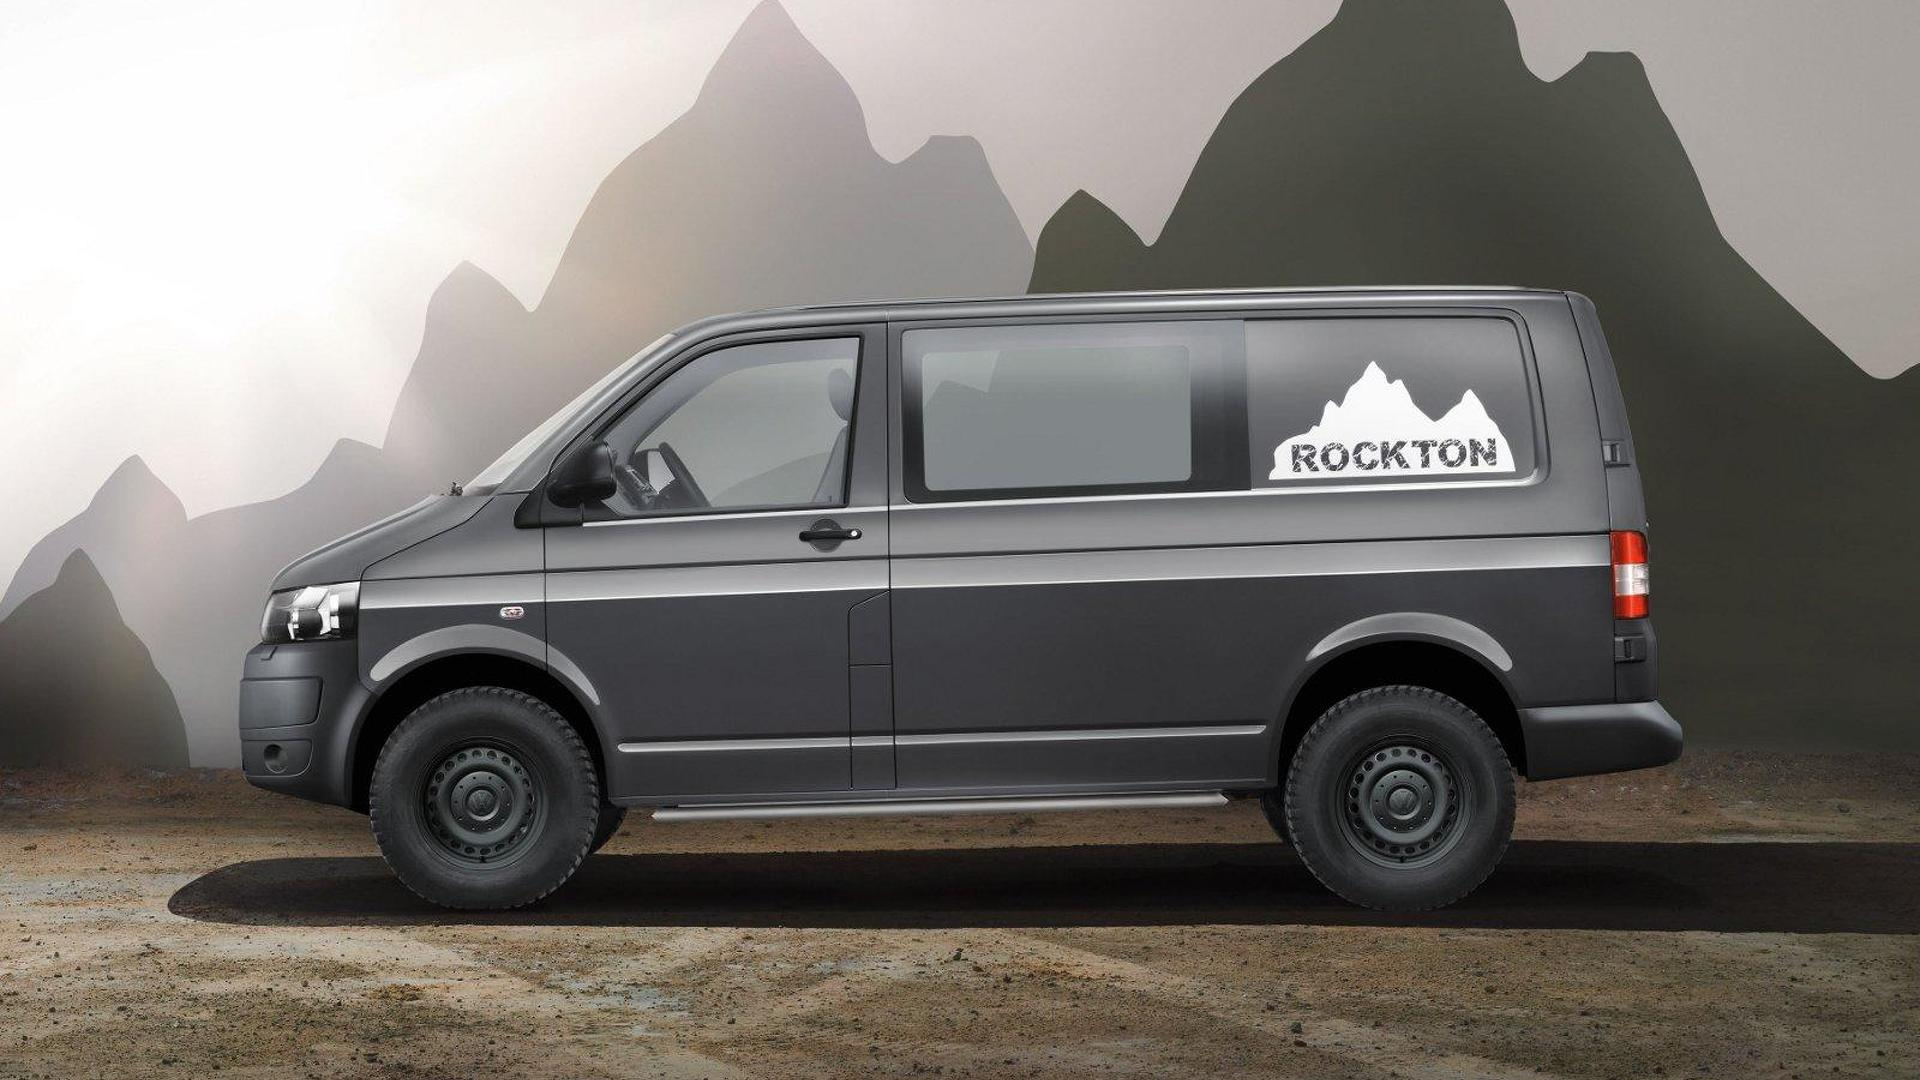 Volkswagen Transporter Rockton 4MOTION - for the toughest terrain